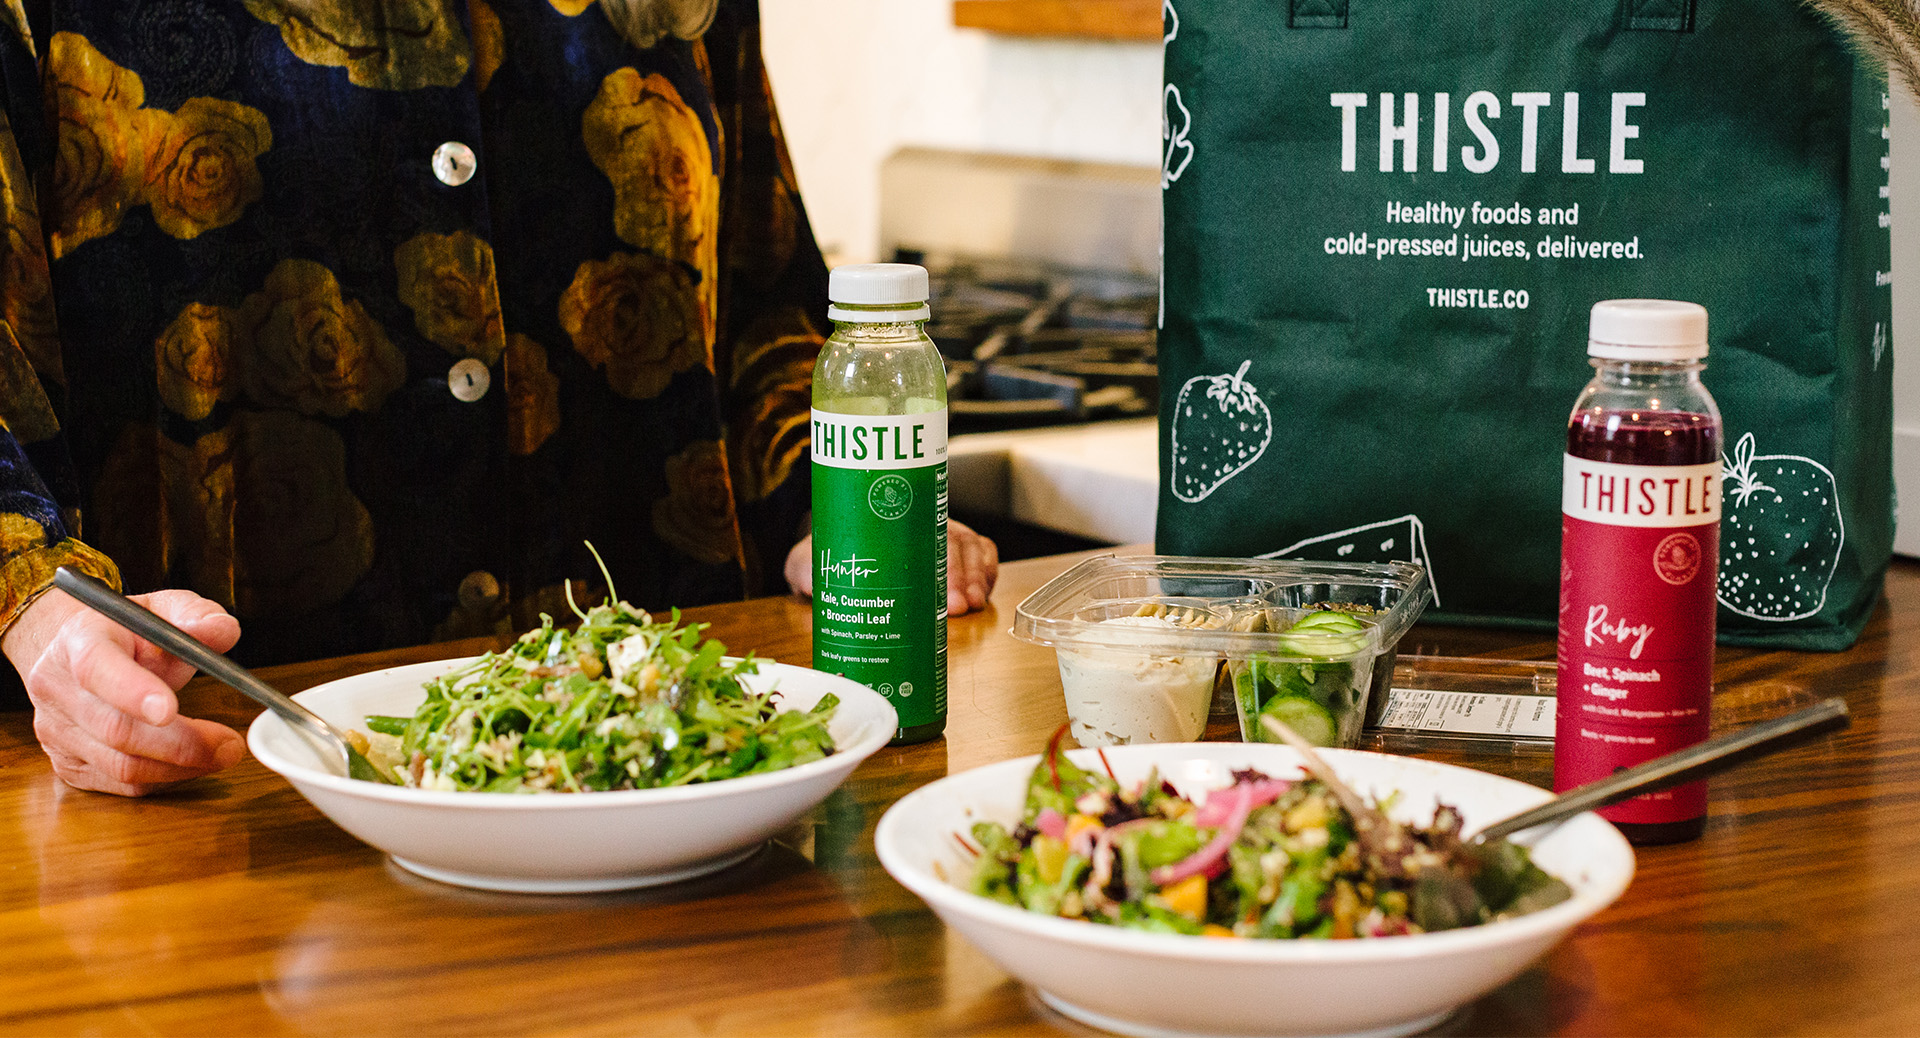 Diet autopilot Thistle raises $5M for health food subscriptions